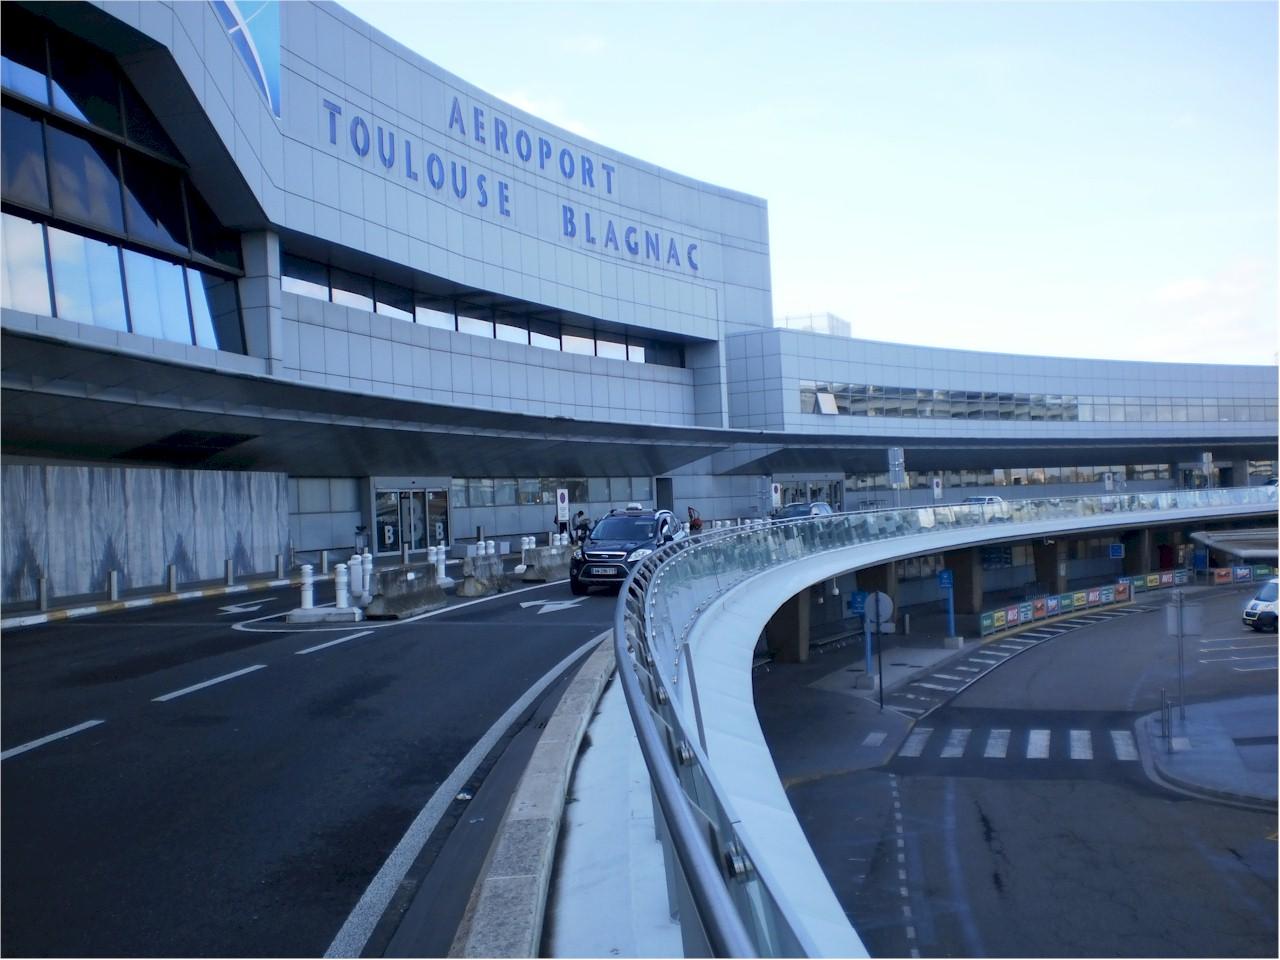 Toulouse-Blagnac-Airport